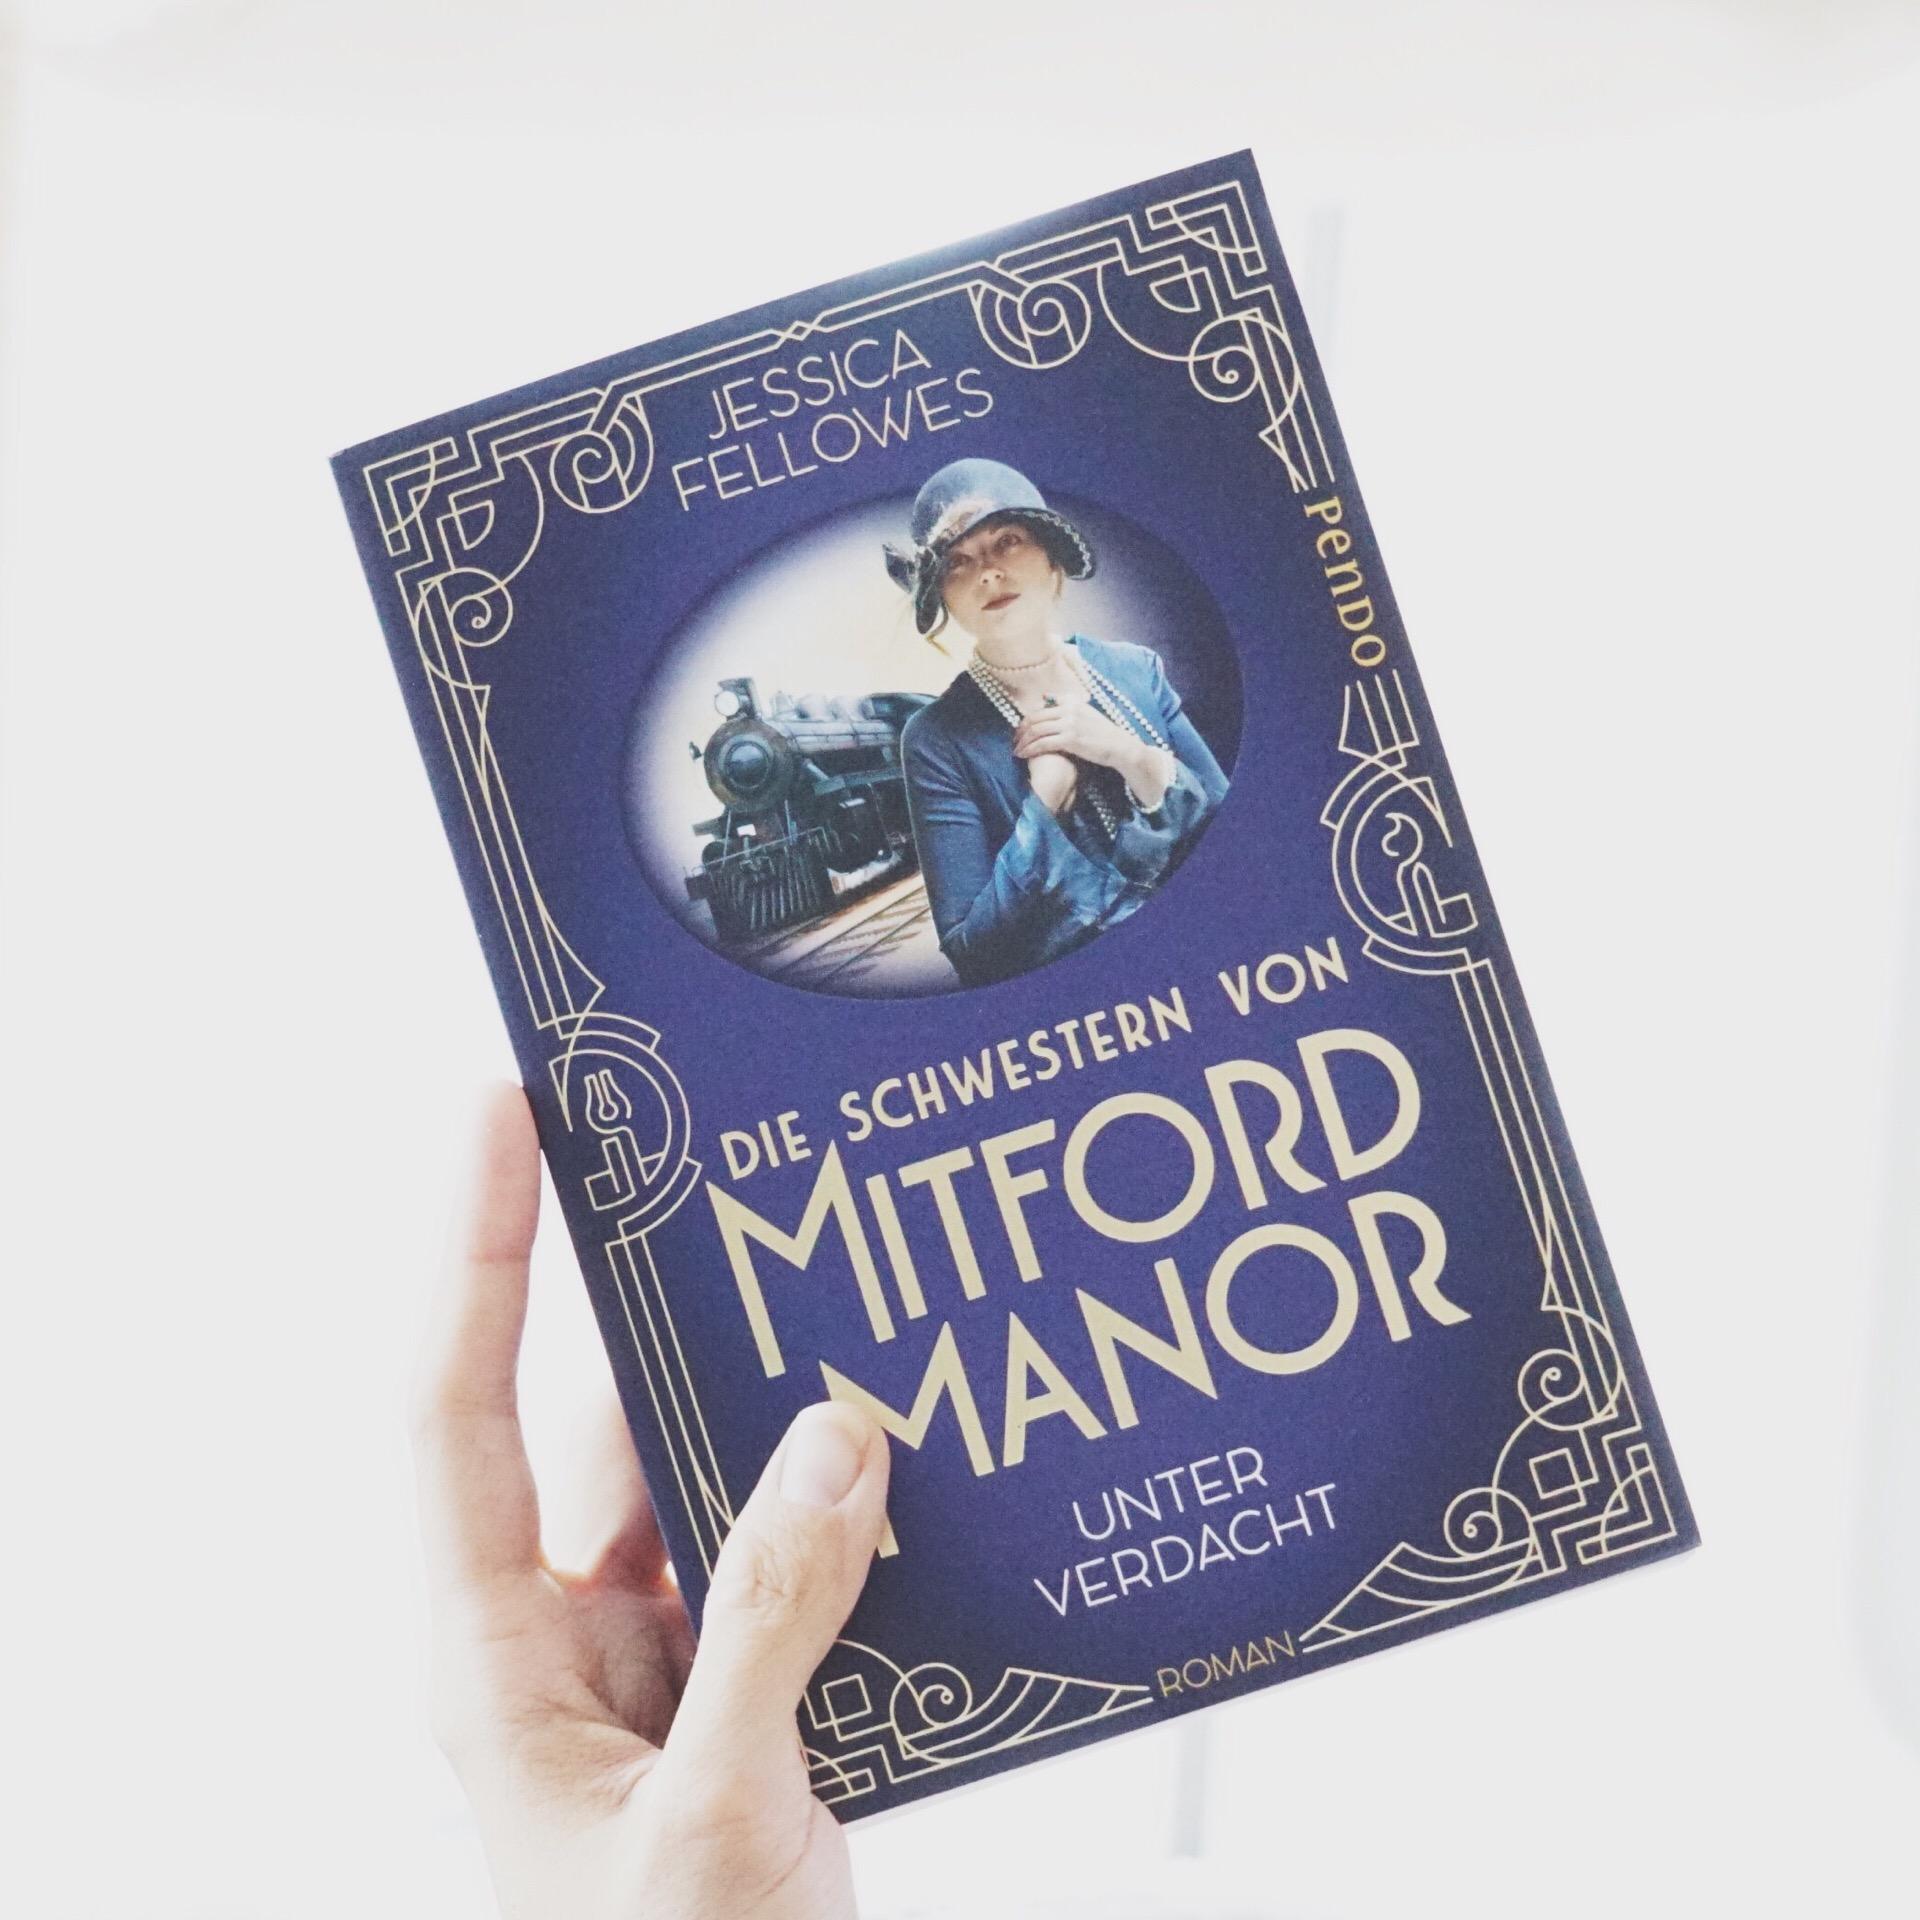 Rezension: Die Schwestern von Mitford Manor. Unter Verdacht von Jessica Fellowes